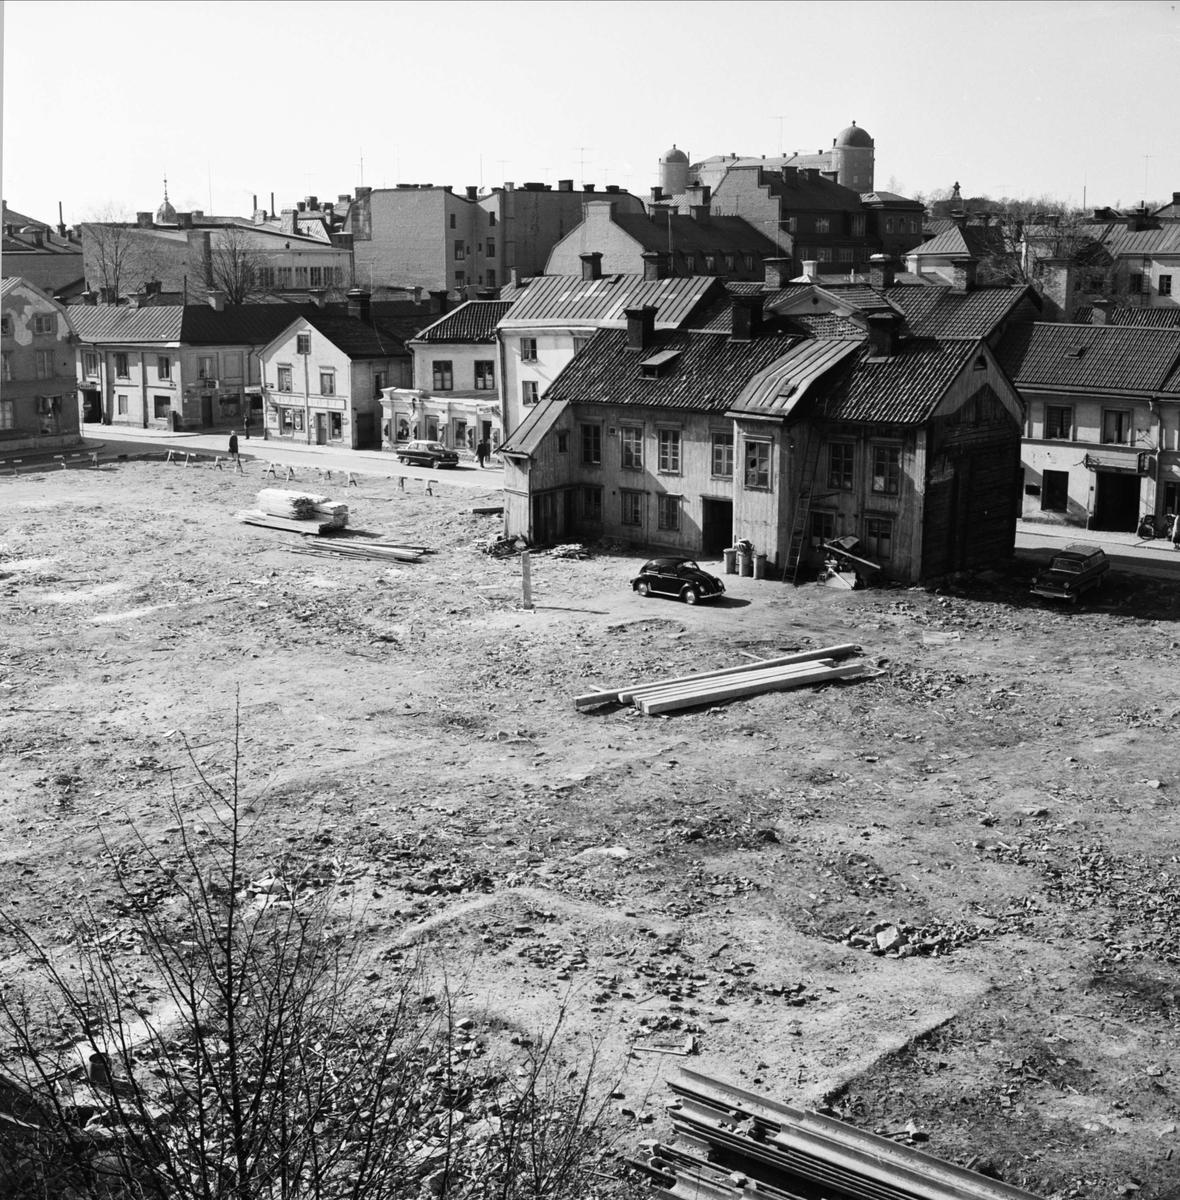 Rivningstomt i kvarteret Svanen, Dragarbrunnsgatan - S:t Persgatan, Uppsala 1961